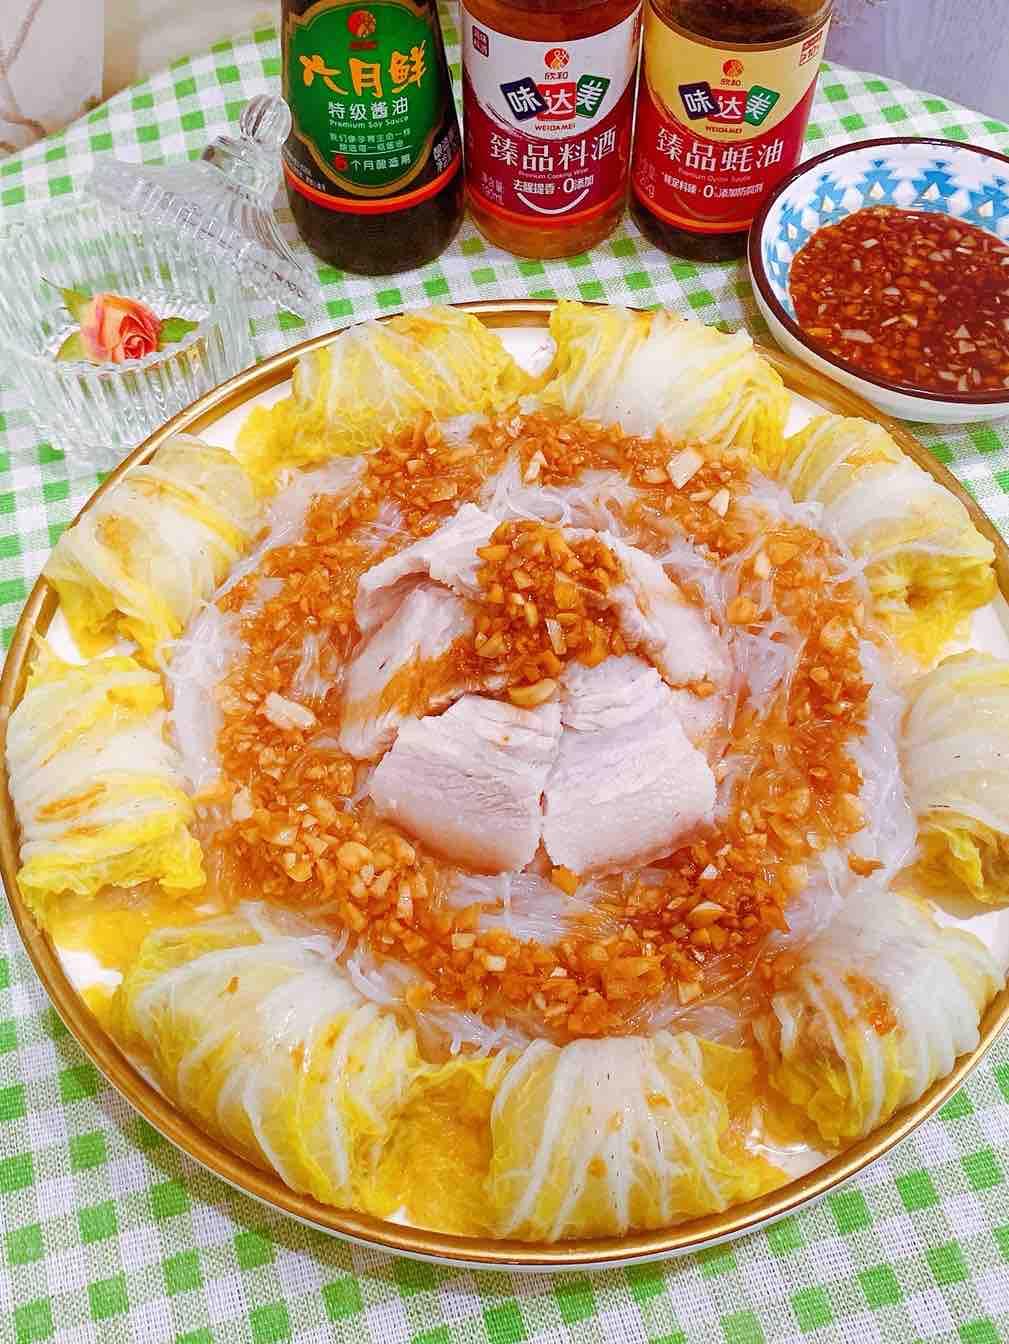 蒜泥三白——白玉卷、白粉丝、白肉的做法